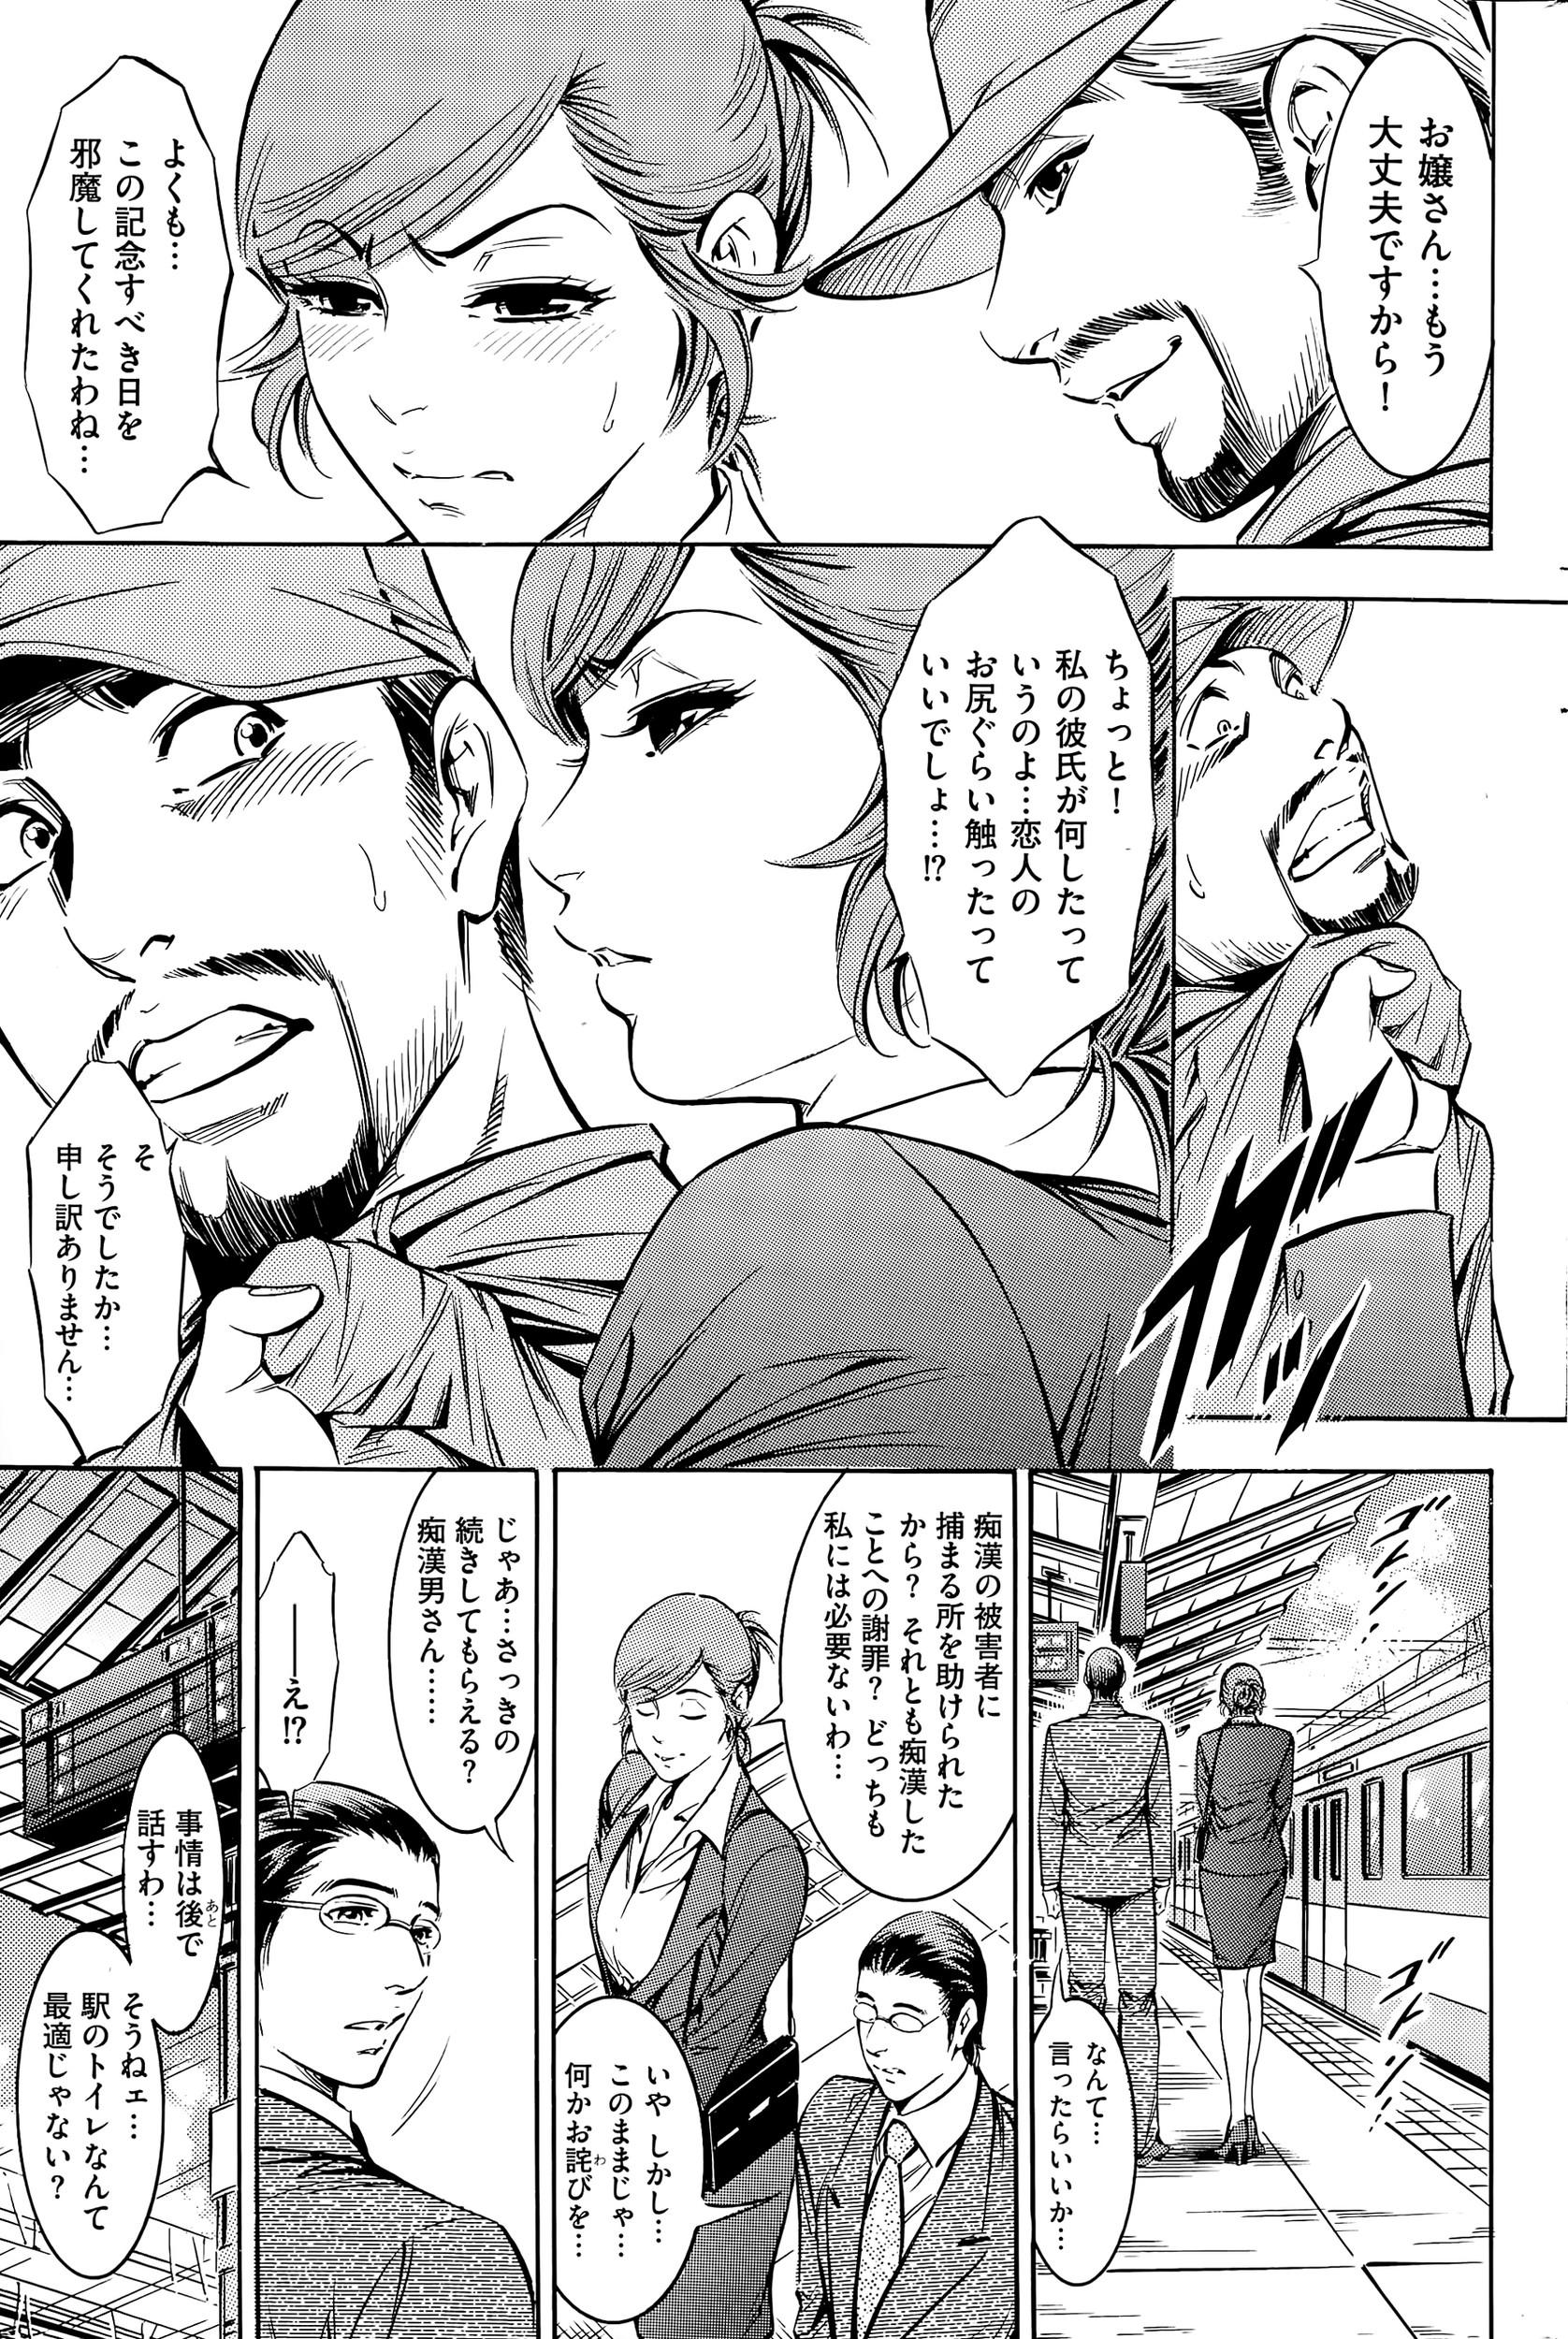 【エロ漫画・エロ同人】痴漢されたくてしょうがない巨乳OLwww (9)